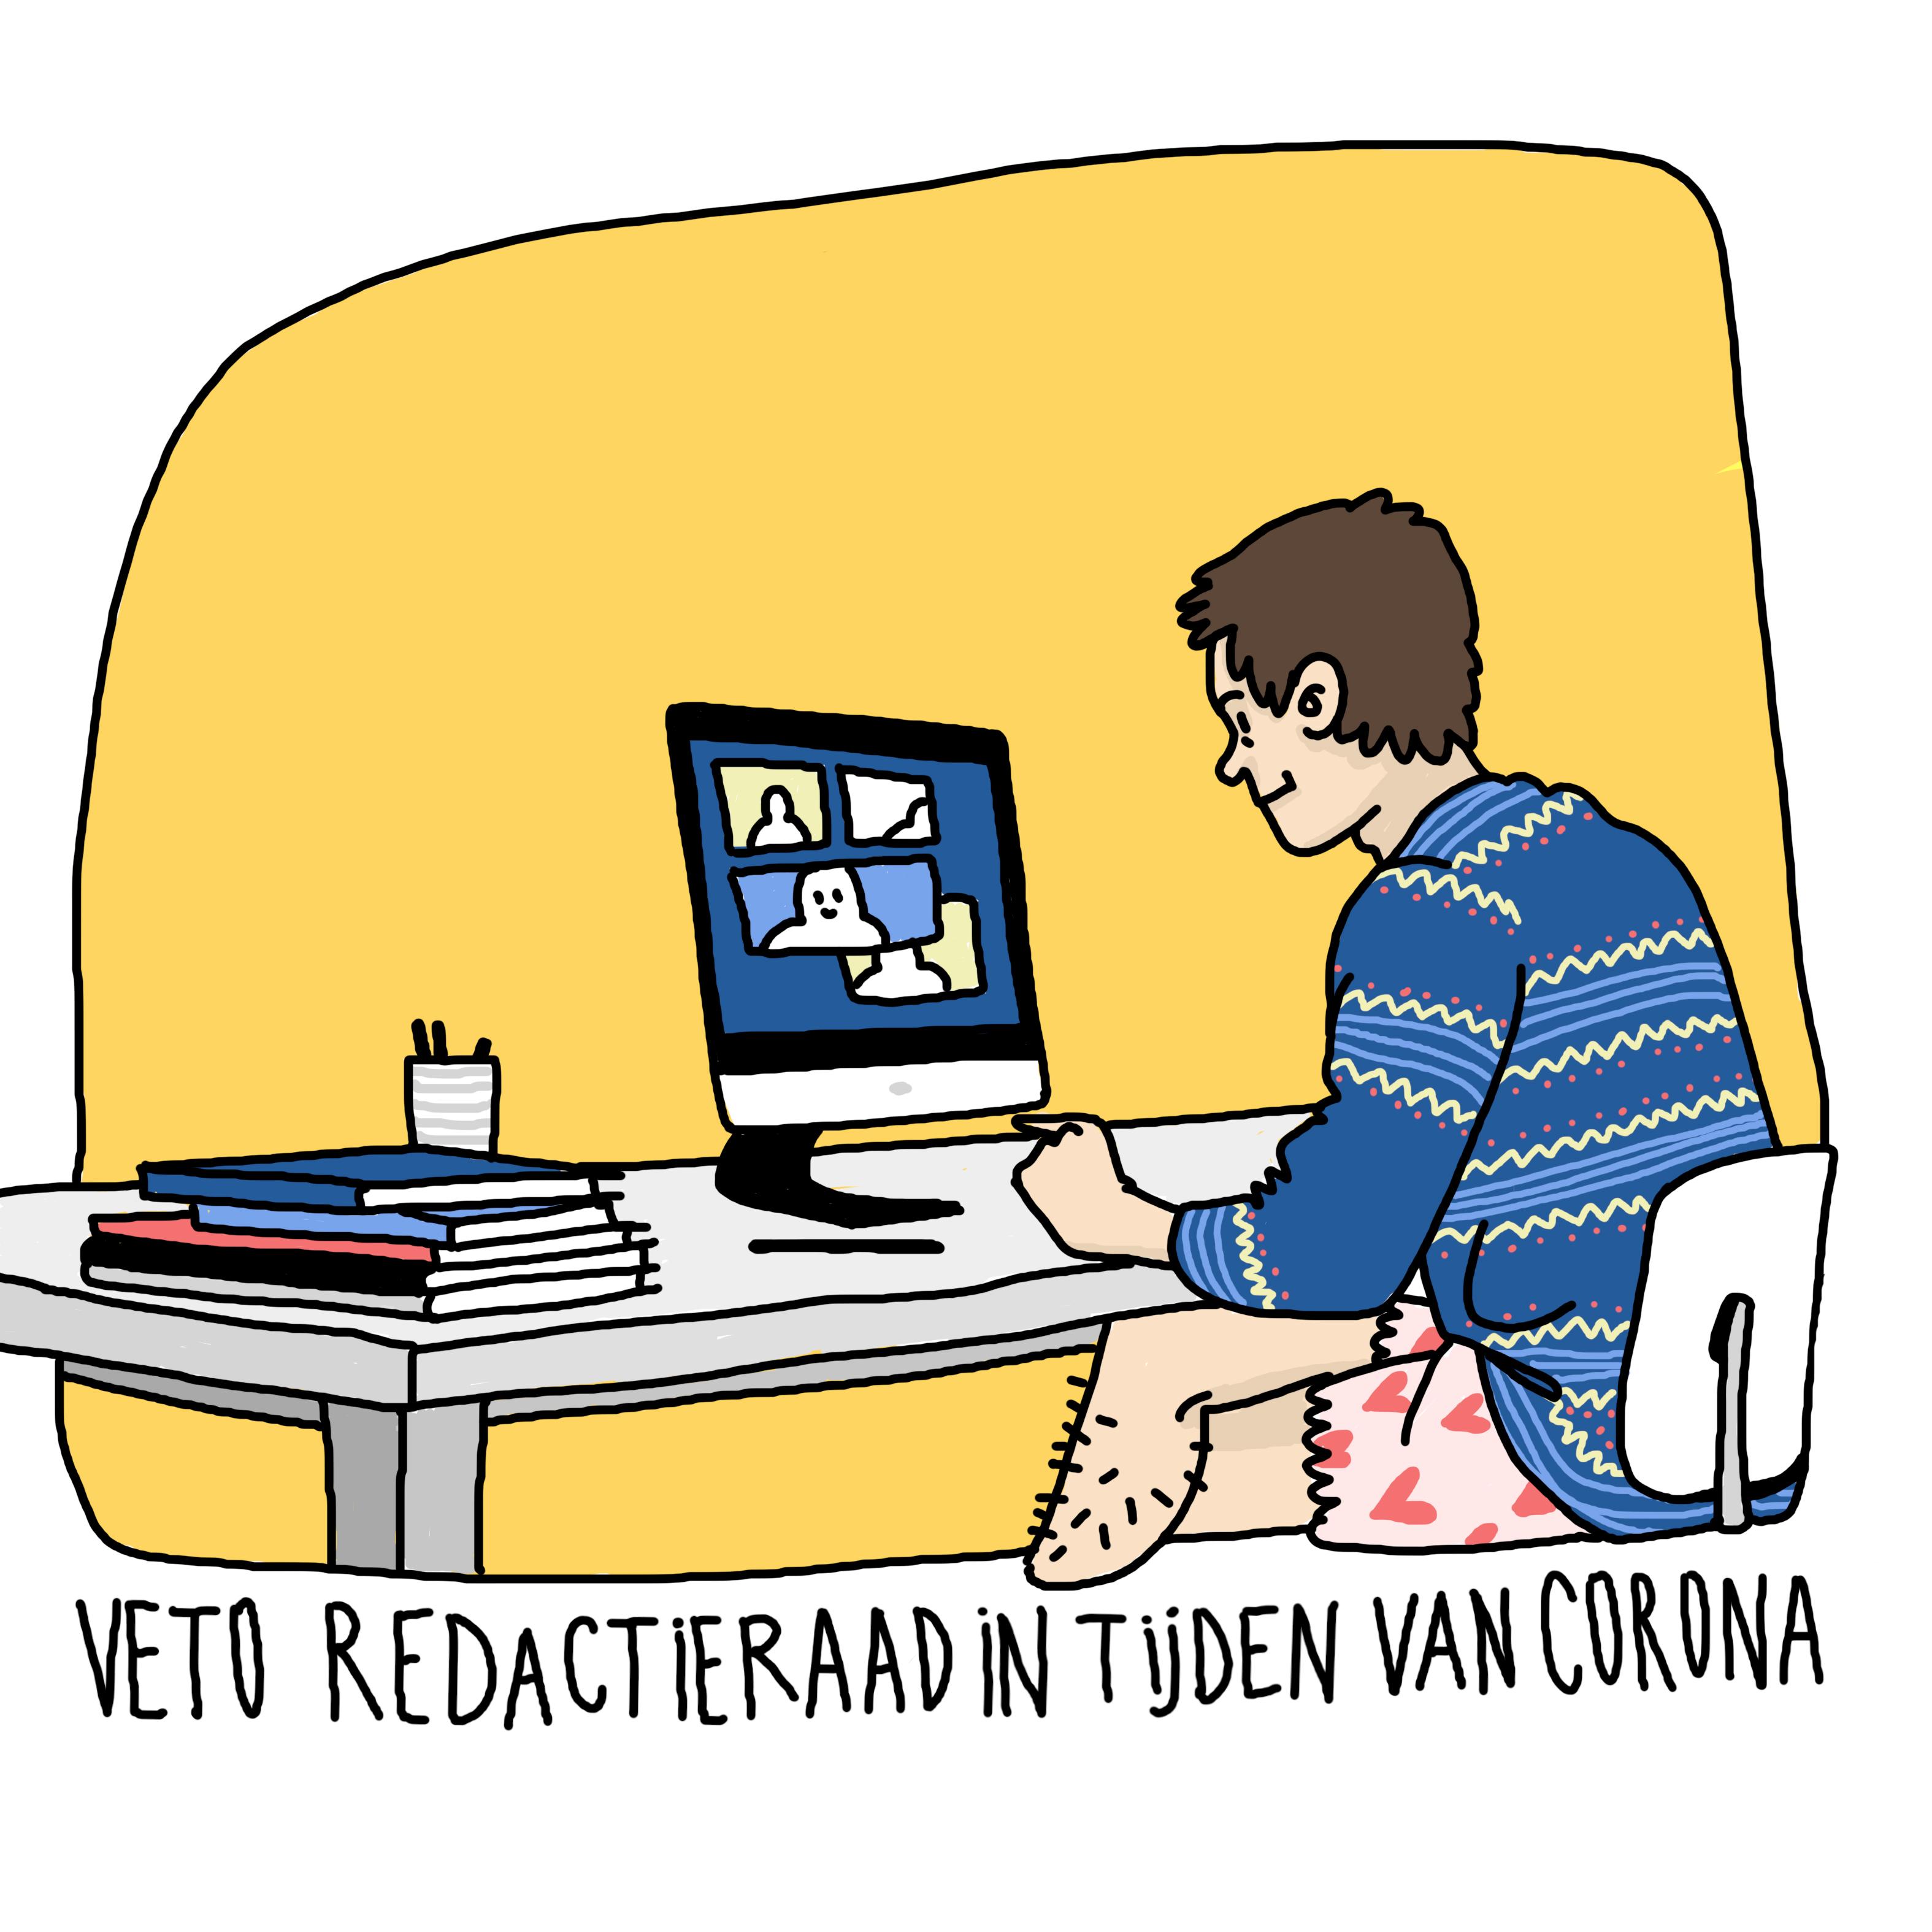 'Veto redactieraad in tijden van corona' Een redactielid zit in boxershort te vergaderen achter zijn computer.